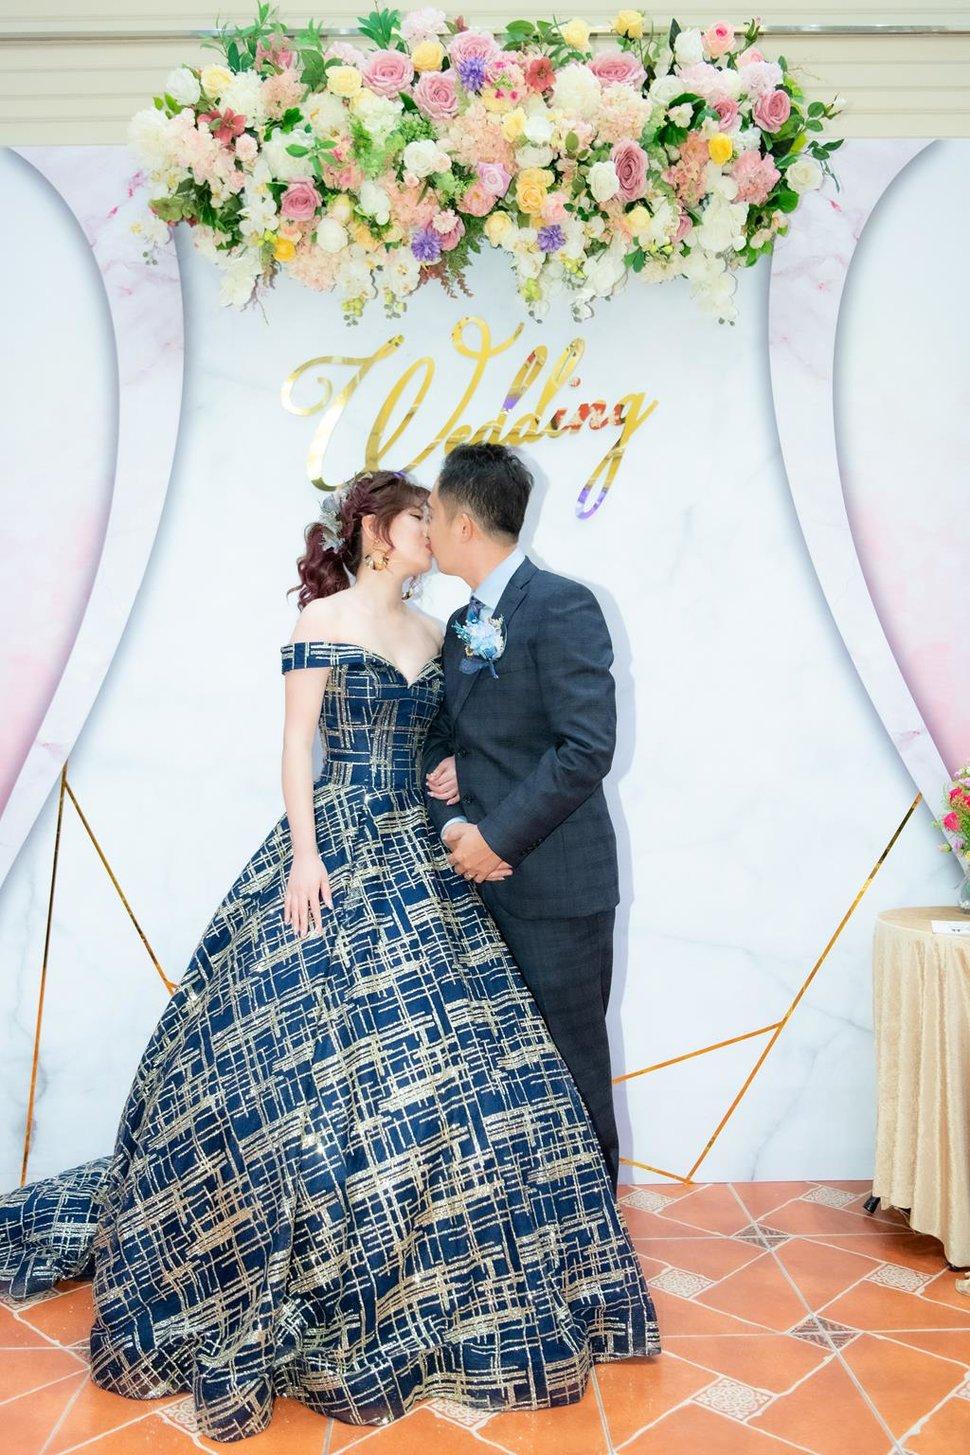 書孟&逸琳婚禮紀實-508 - Mr. Happiness 幸福先生 - 結婚吧